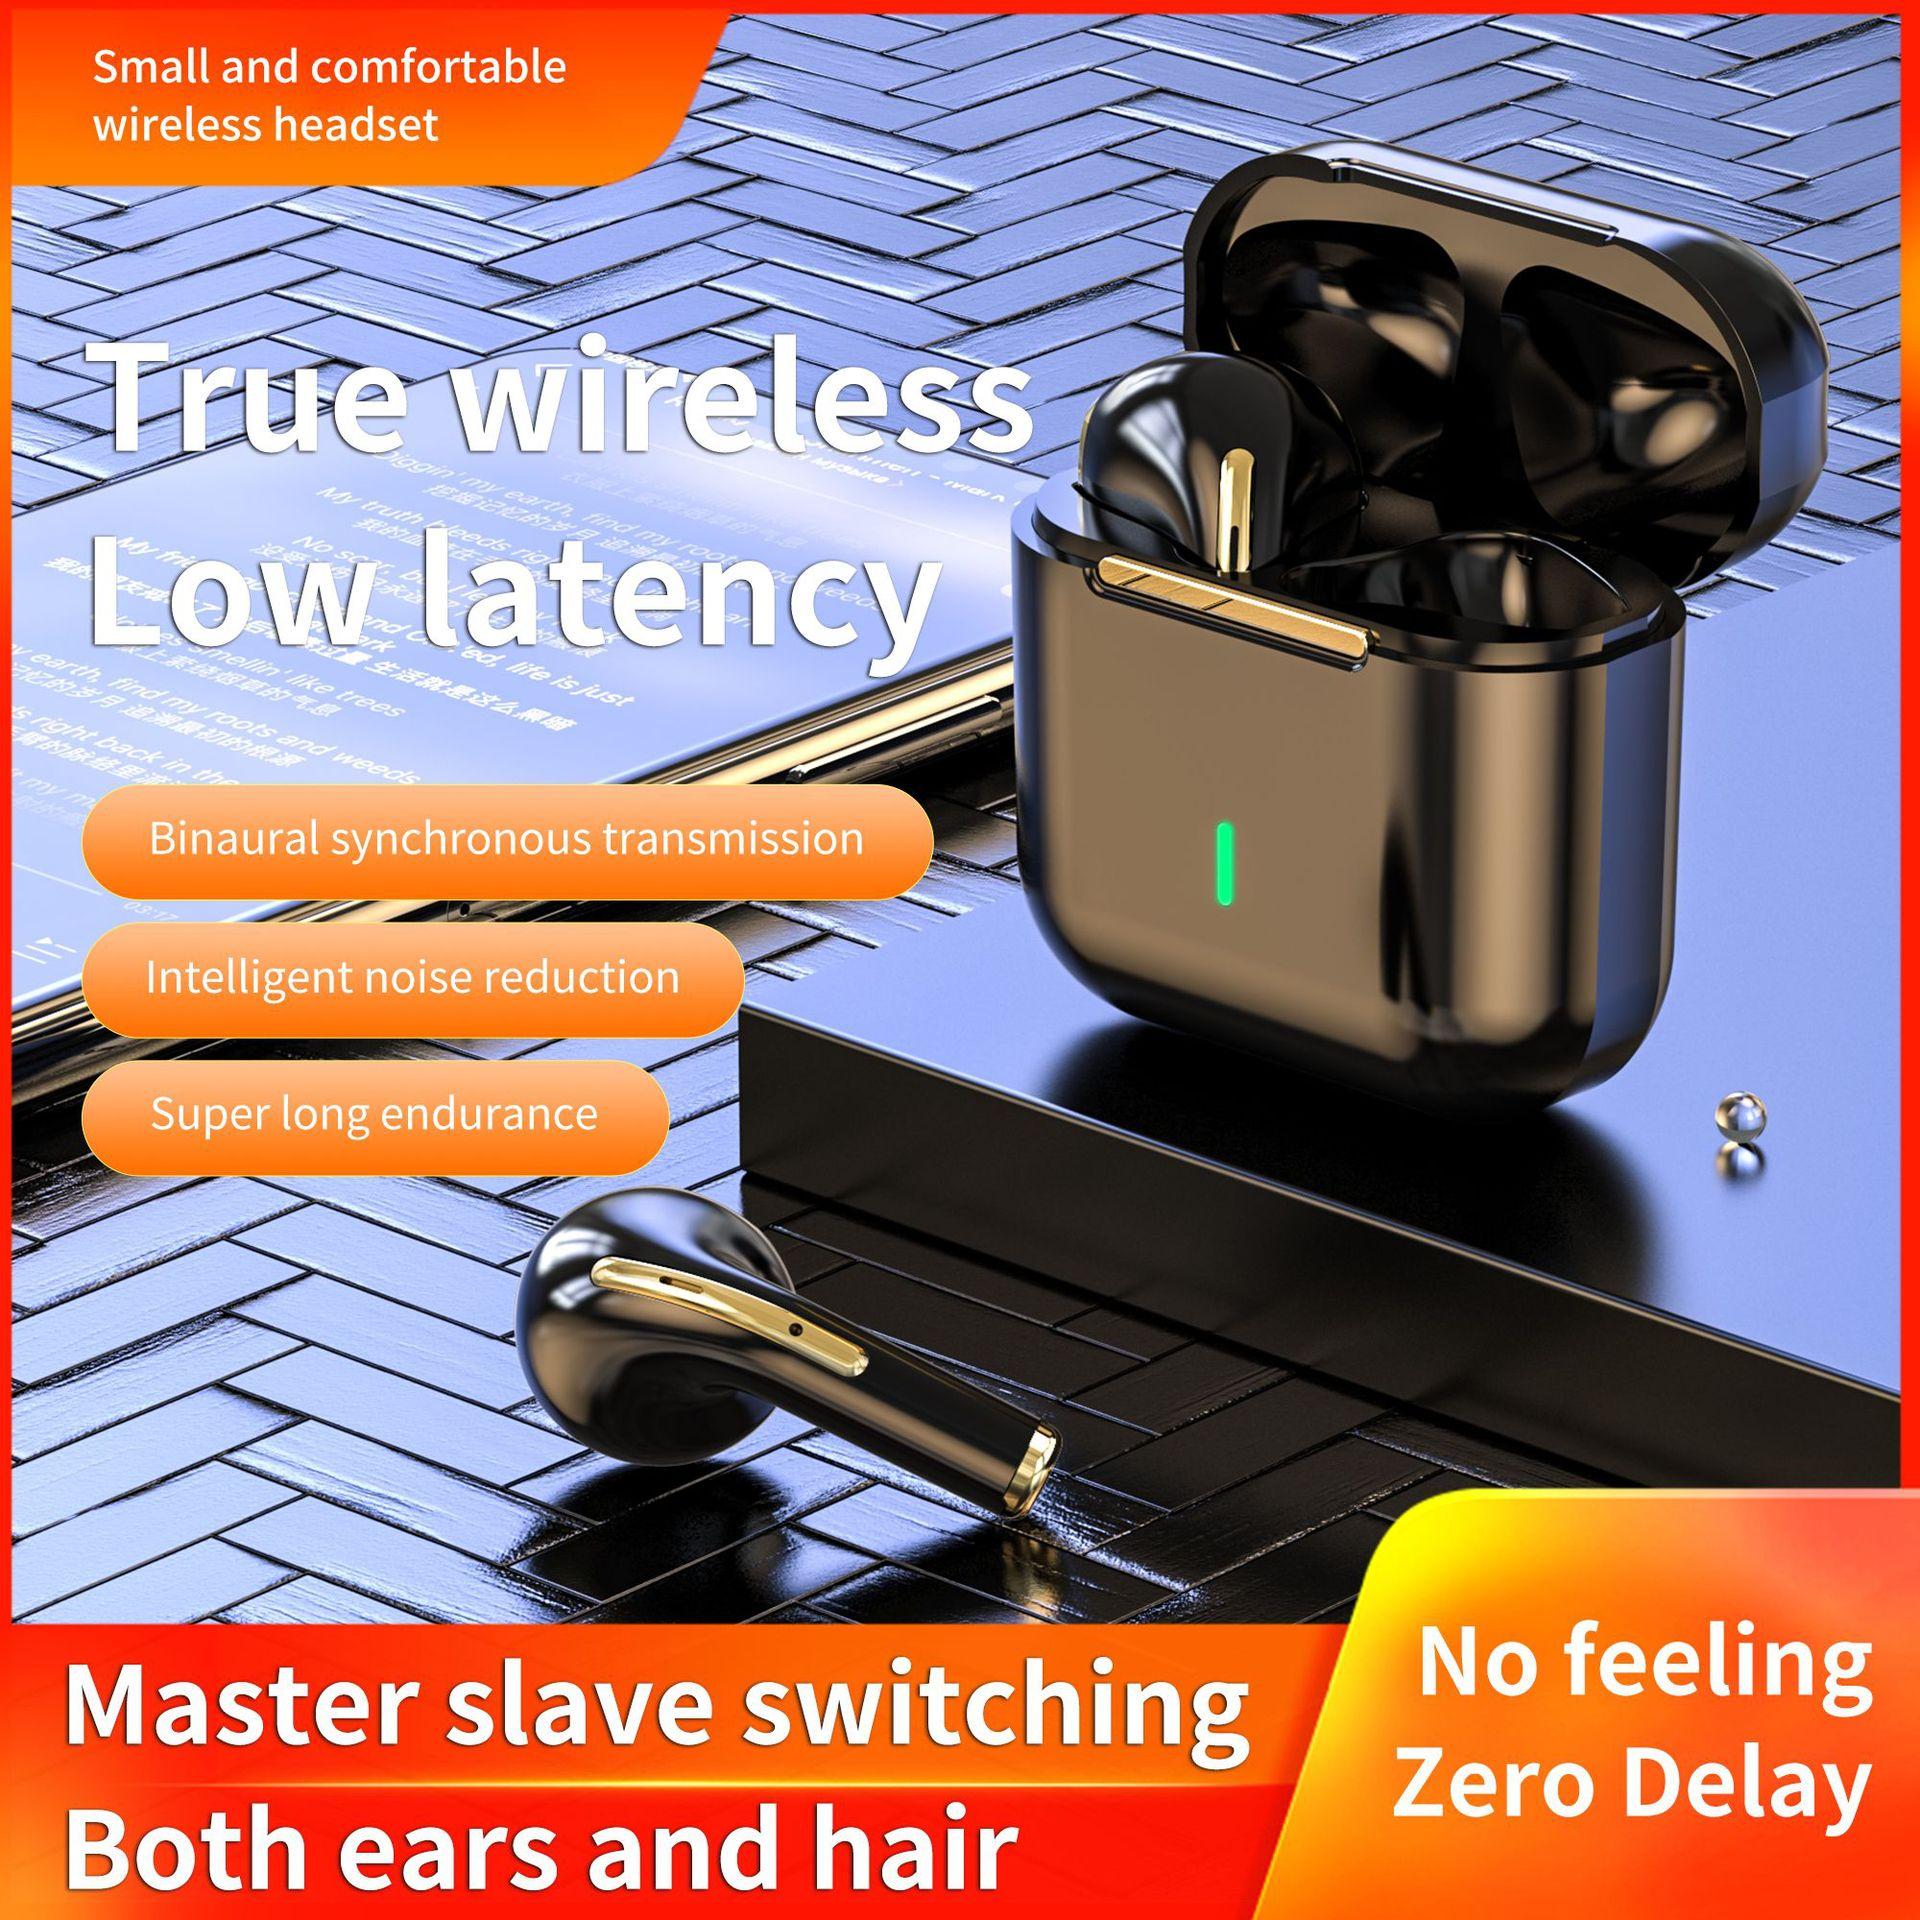 New TWS Bluetooth Headphones Stereo True Wireless Headphone Earbuds In Ear Handsfree Earphones Ear B